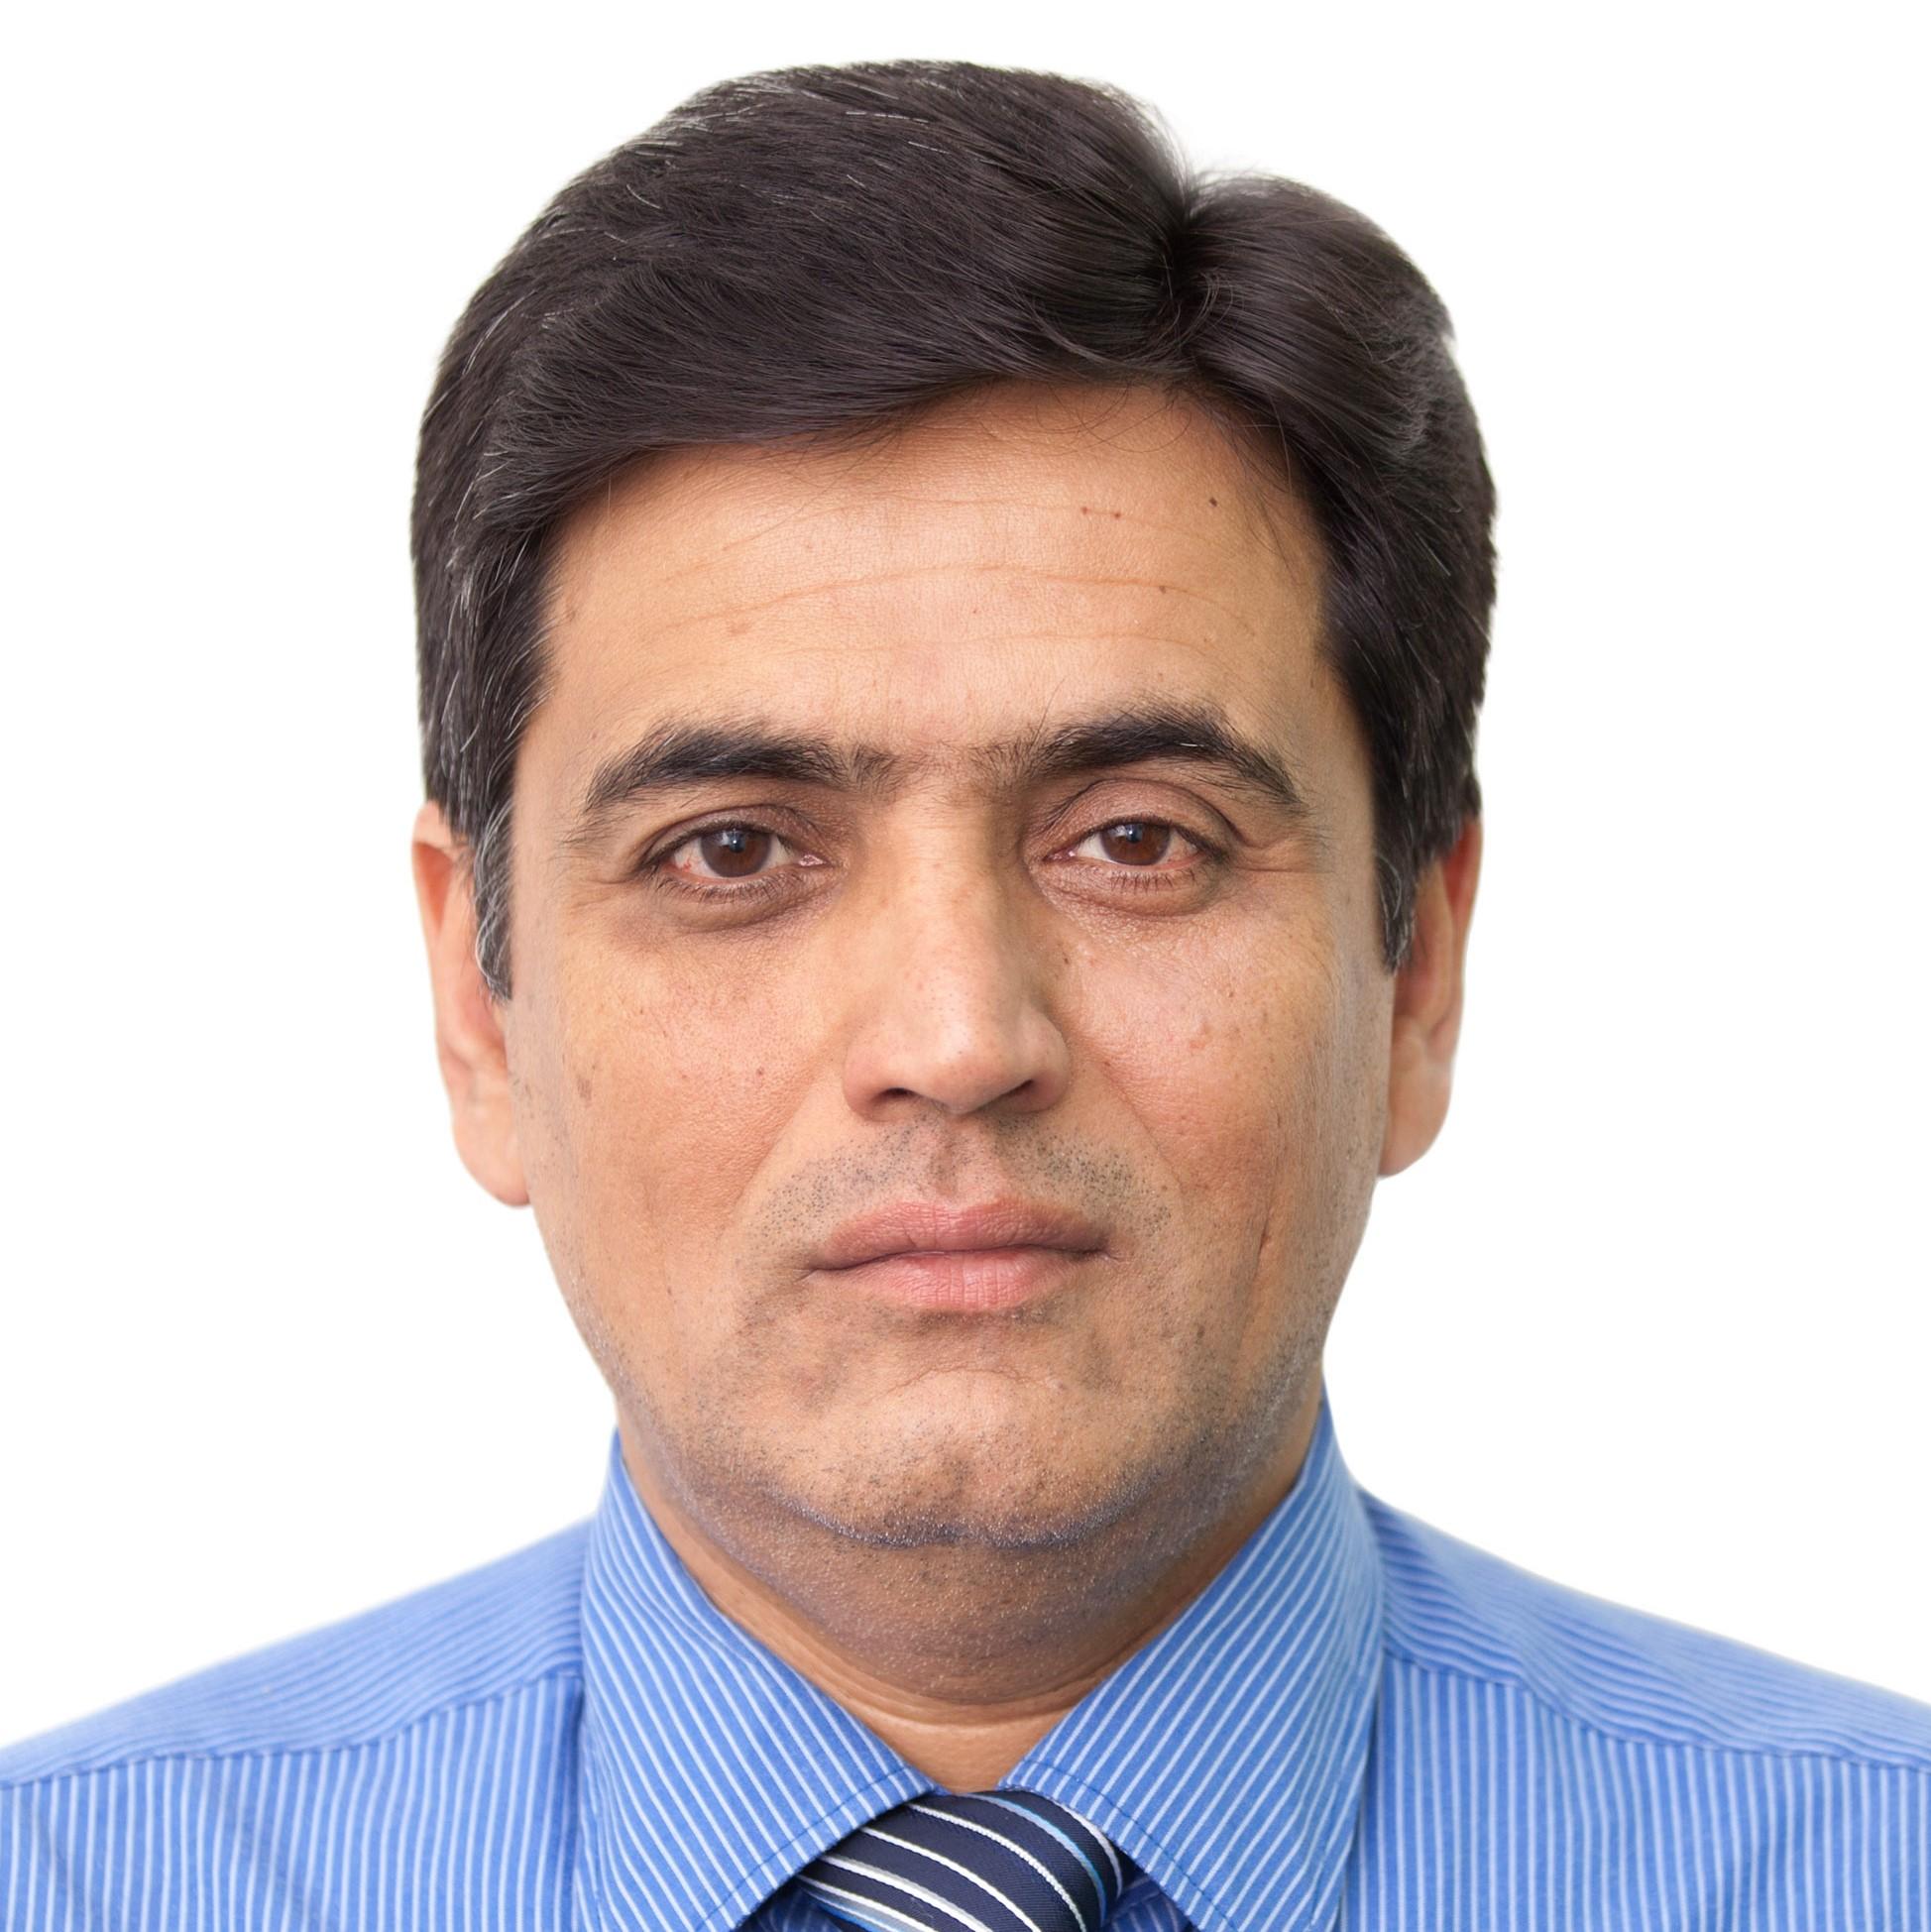 Profile image for Muhammad Imtiaz